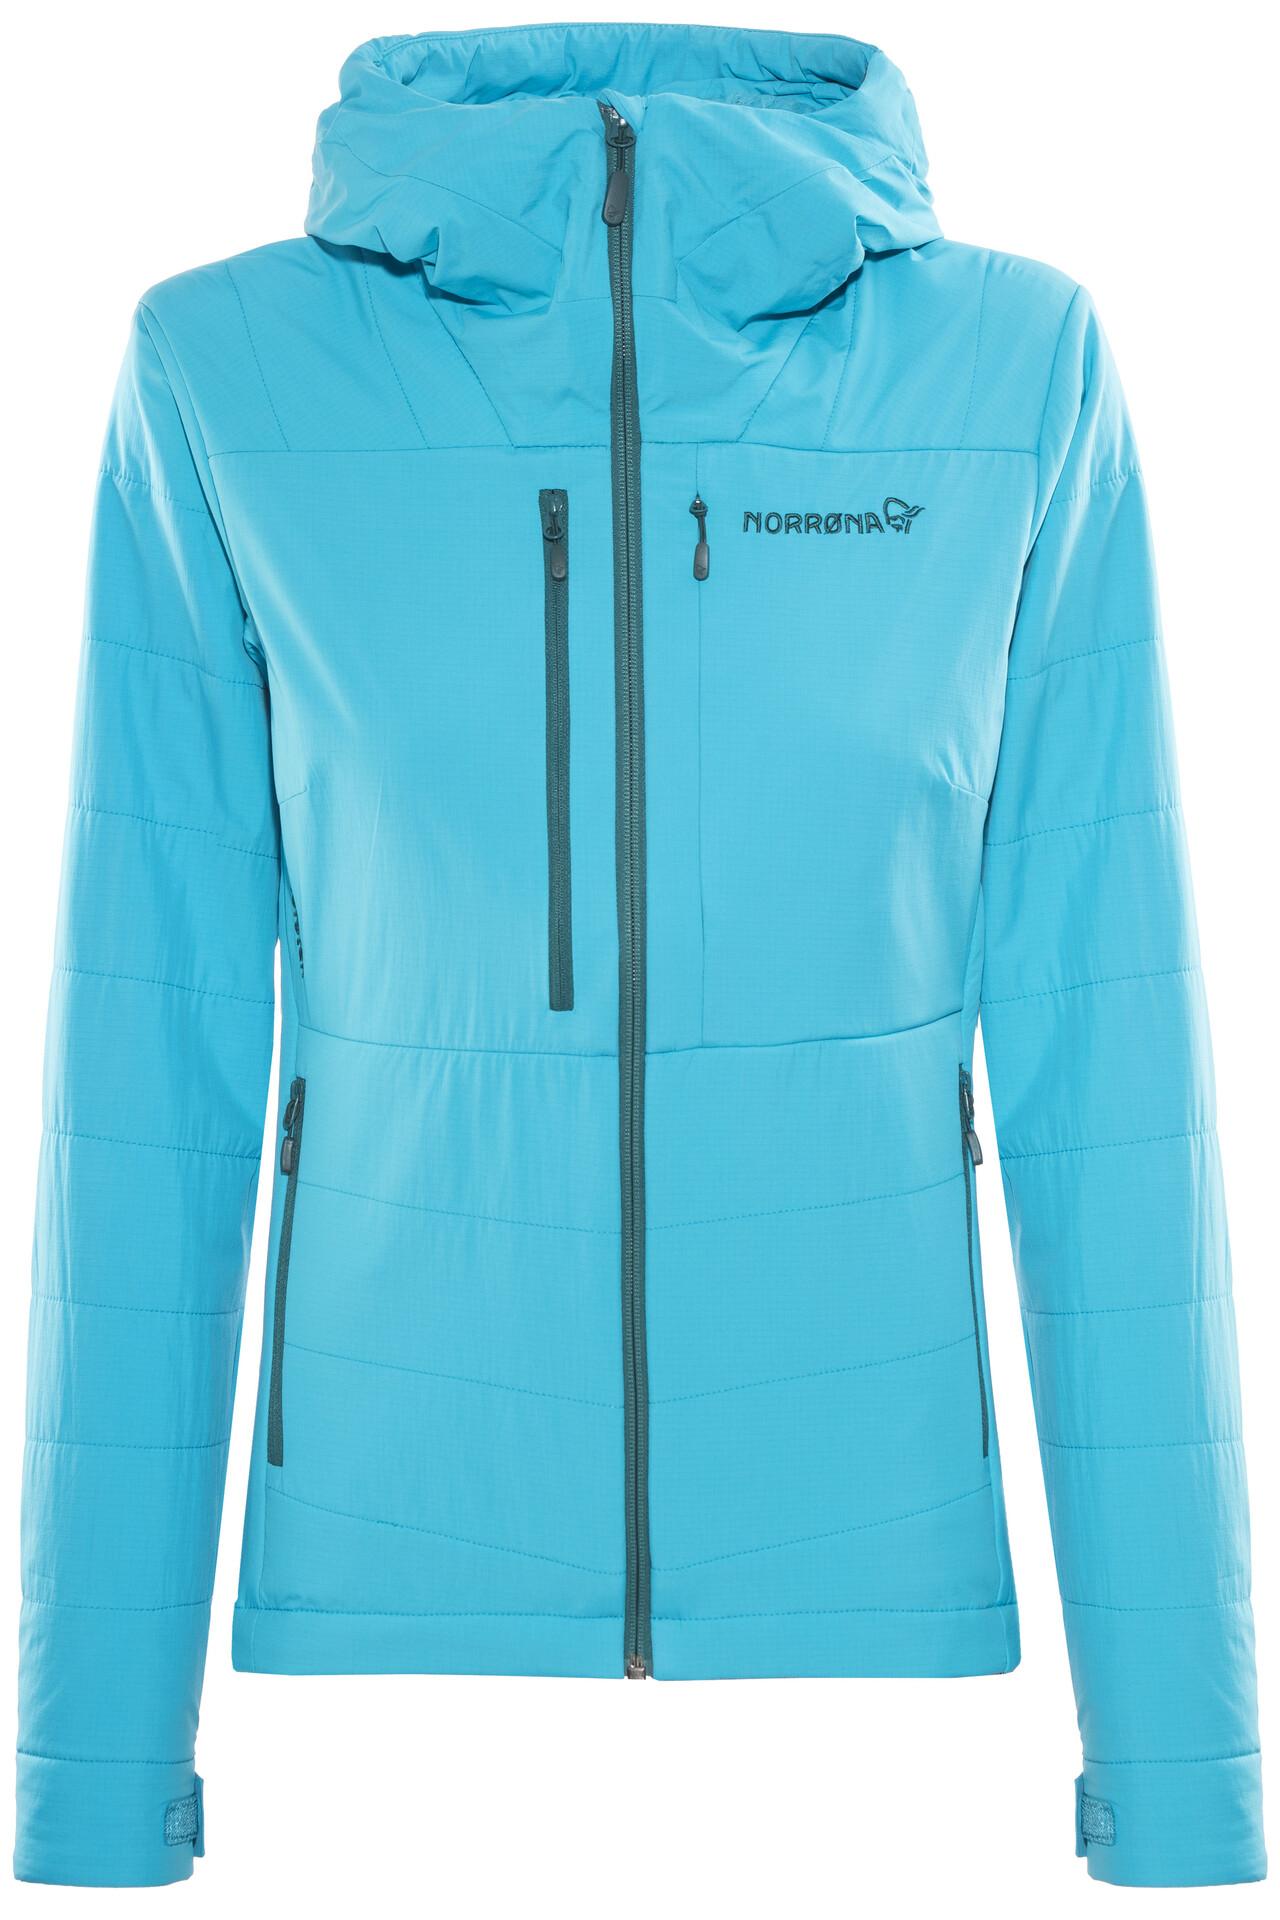 Norrøna Powershield Jacket Caribbean Alpha Damen Blue Lofoten Pro TiOPkuXZ